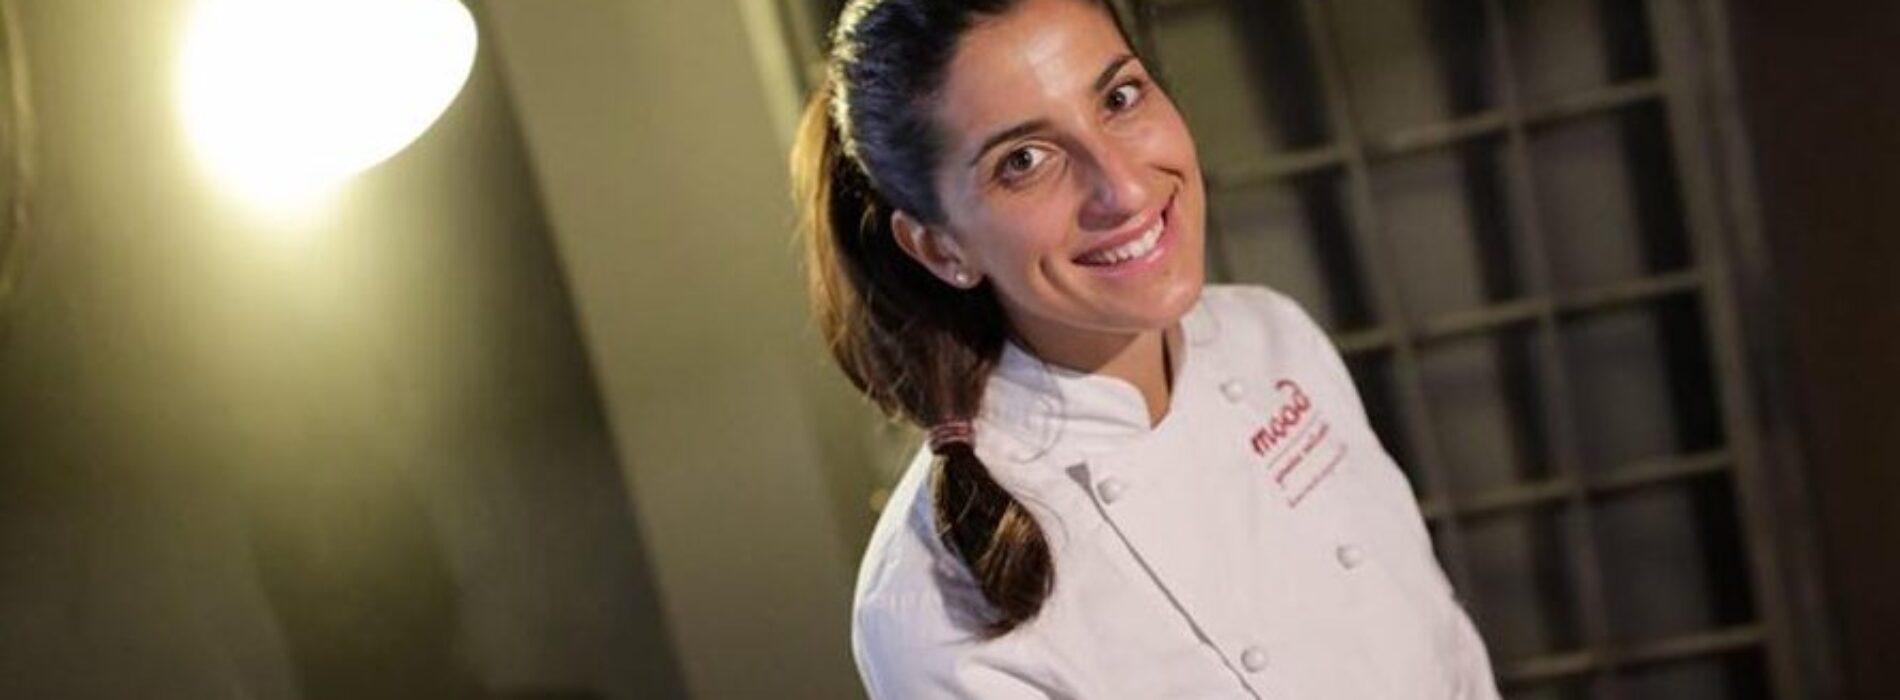 Spaghetti con le vongole: la ricetta e i trucchi di Mood Ginevra Antonini per farli in casa